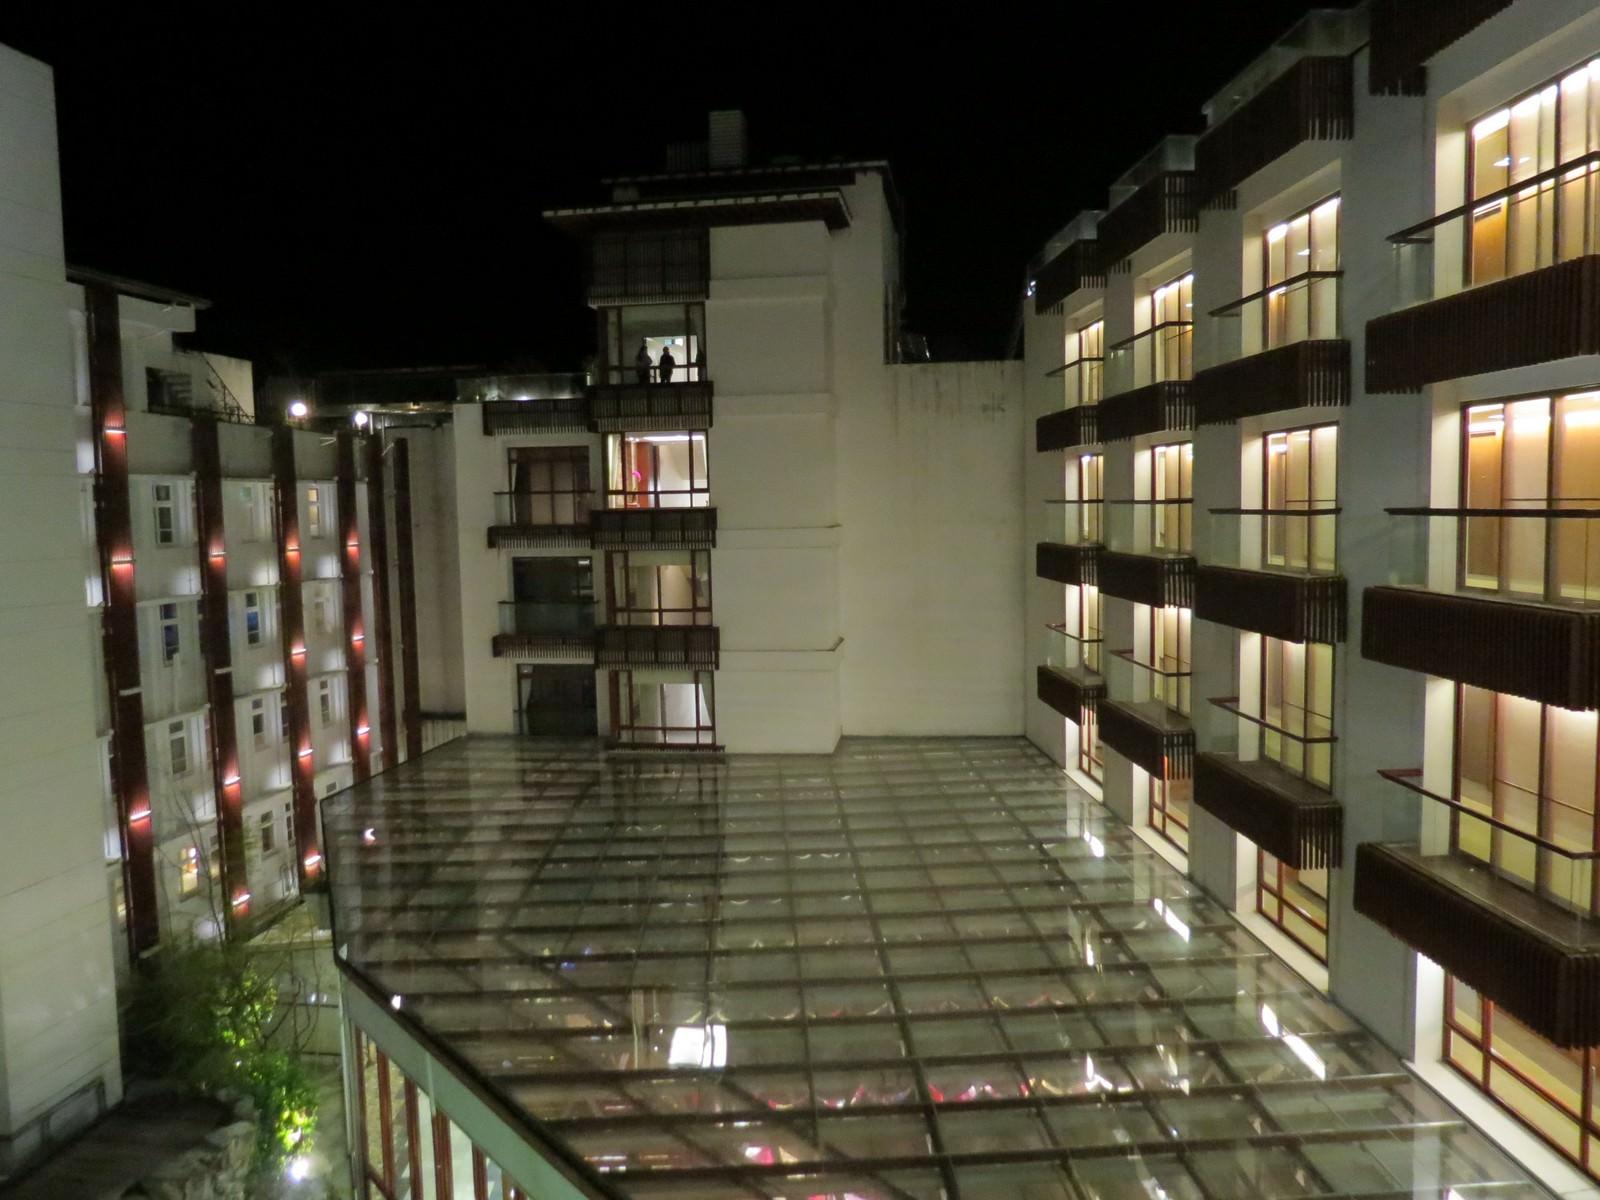 阿里山賓館, 建築